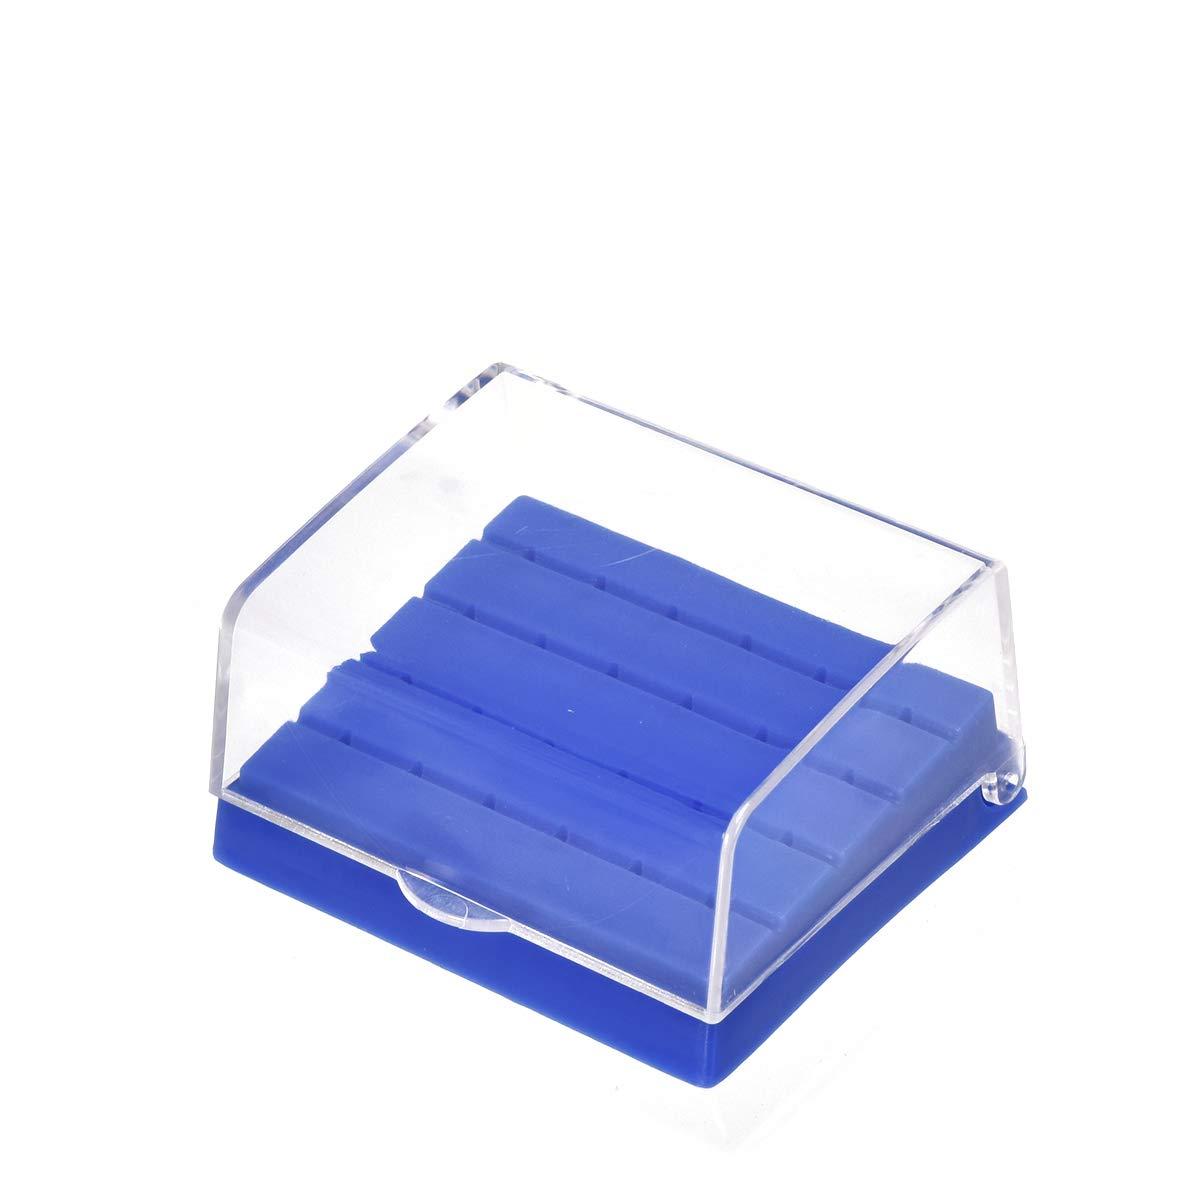 3 PCS Dental Bur Block Holder Case Autoclavable Square Shape Lab Bur Organizer Box Endo File Disinfection Box with 24 Holes Slots Color Random